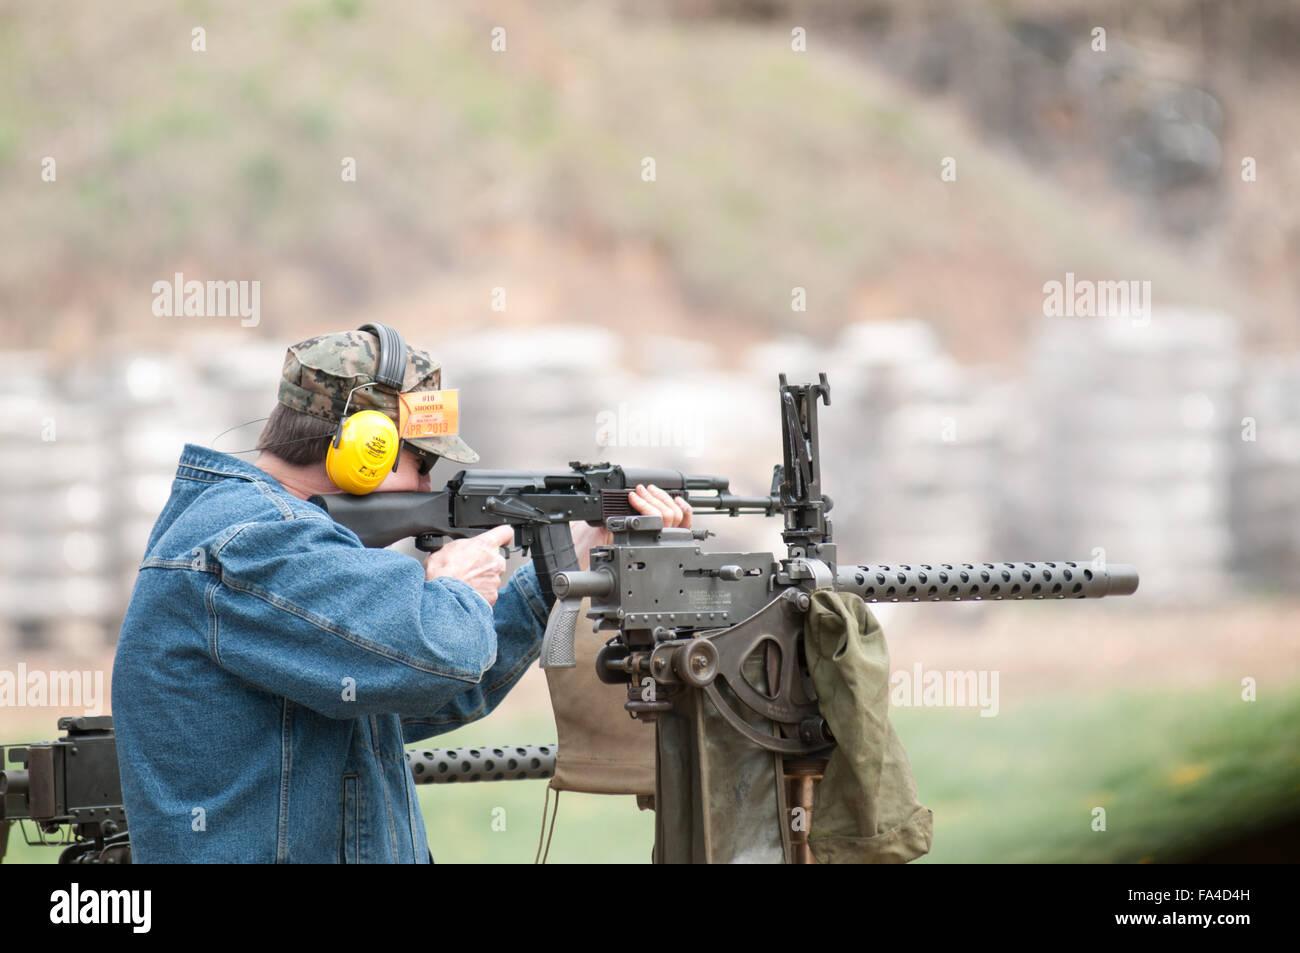 Das Recht der Bürger zu halten und Waffen tragen. Stockbild